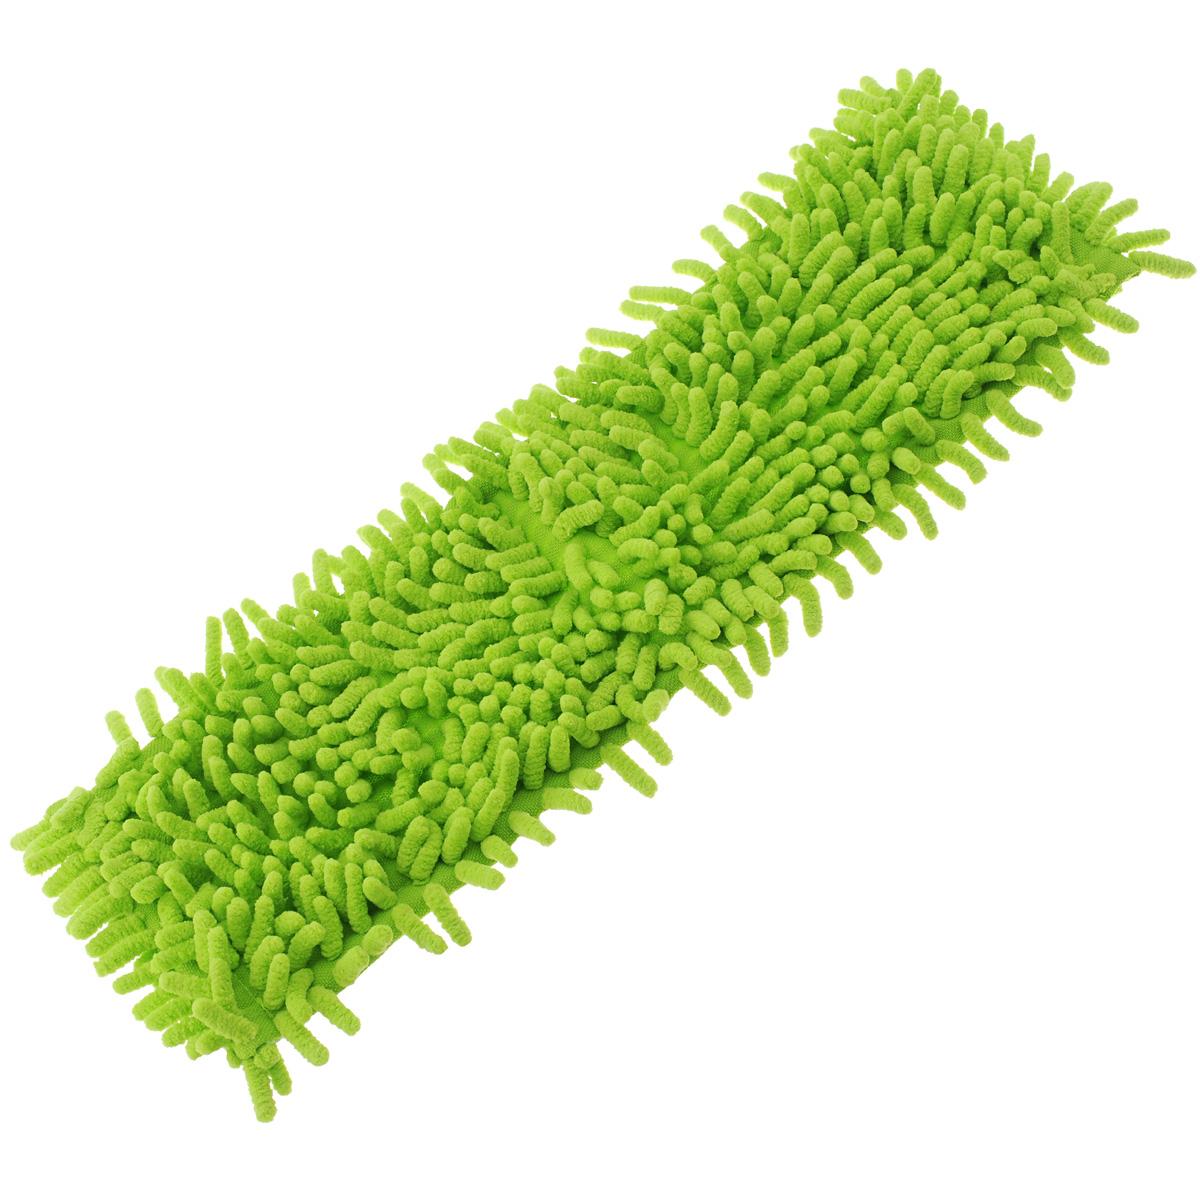 Насадка для швабры Home Queen Еврокласс, цвет: салатовый, длина 40 см,57220Сменная насадка для швабры Home Queen Еврокласс изготовлена из шенилла, разновидности микрофибры. Материал обладает высокой износостойкостью, не царапает поверхности и отлично впитывает влагу. Насадка отлично удаляет большинство жирных и маслянистых загрязнений без использования химических веществ. Насадка идеально подходит для мытья всех типов напольных покрытий. Она не оставляет разводов и ворсинок. Сменная насадка для швабры Home Queen Еврокласс станет незаменимой в хозяйстве. Размер насадки: 40 х 12 см.